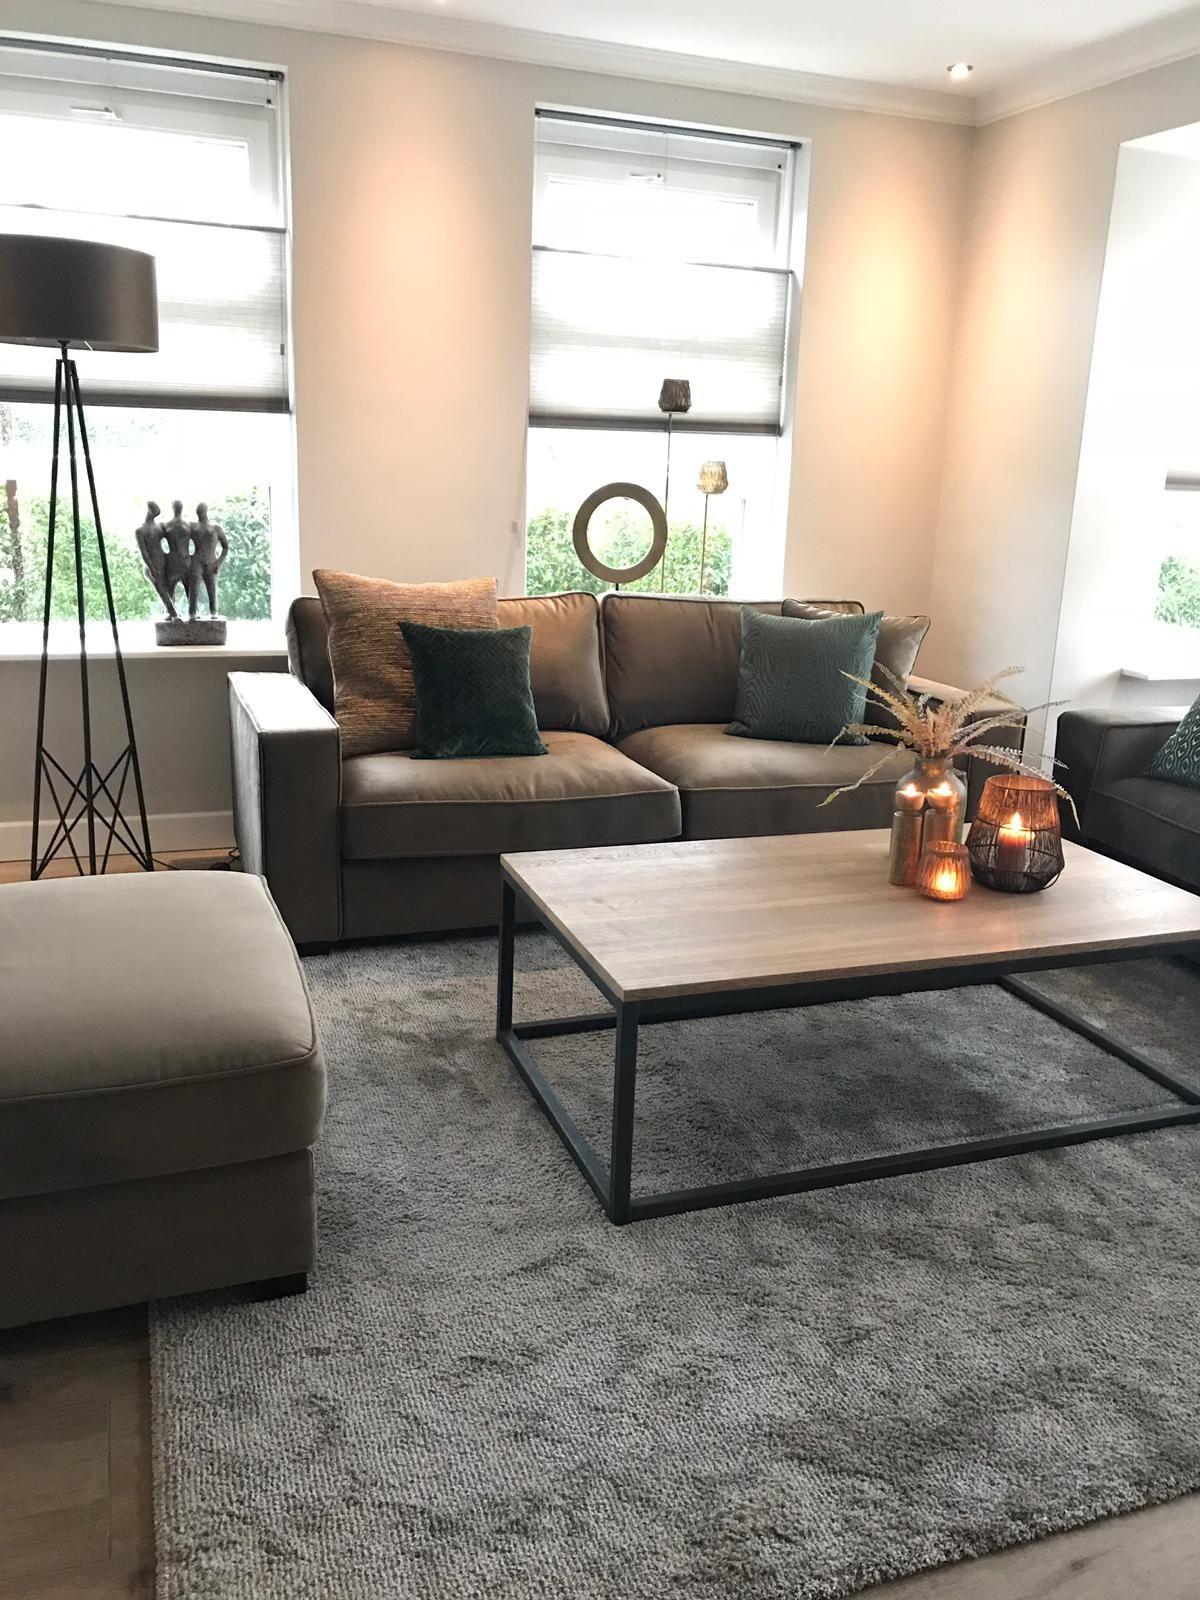 Maison Manon 2018  Intrieur in 2019  Huis interieur